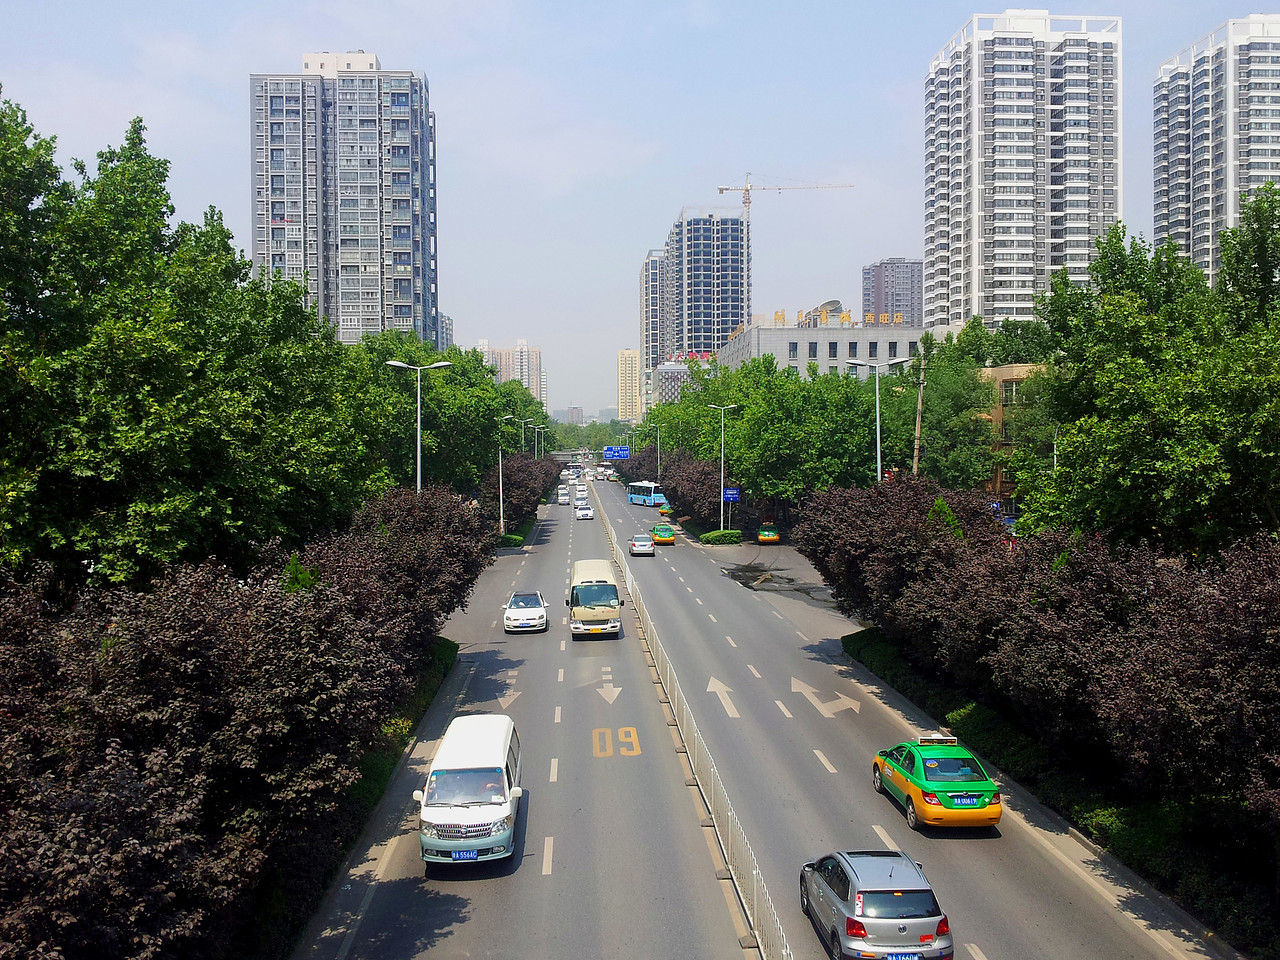 Unterwegs mit den herren bei ho thsai und he fu bao teil 6